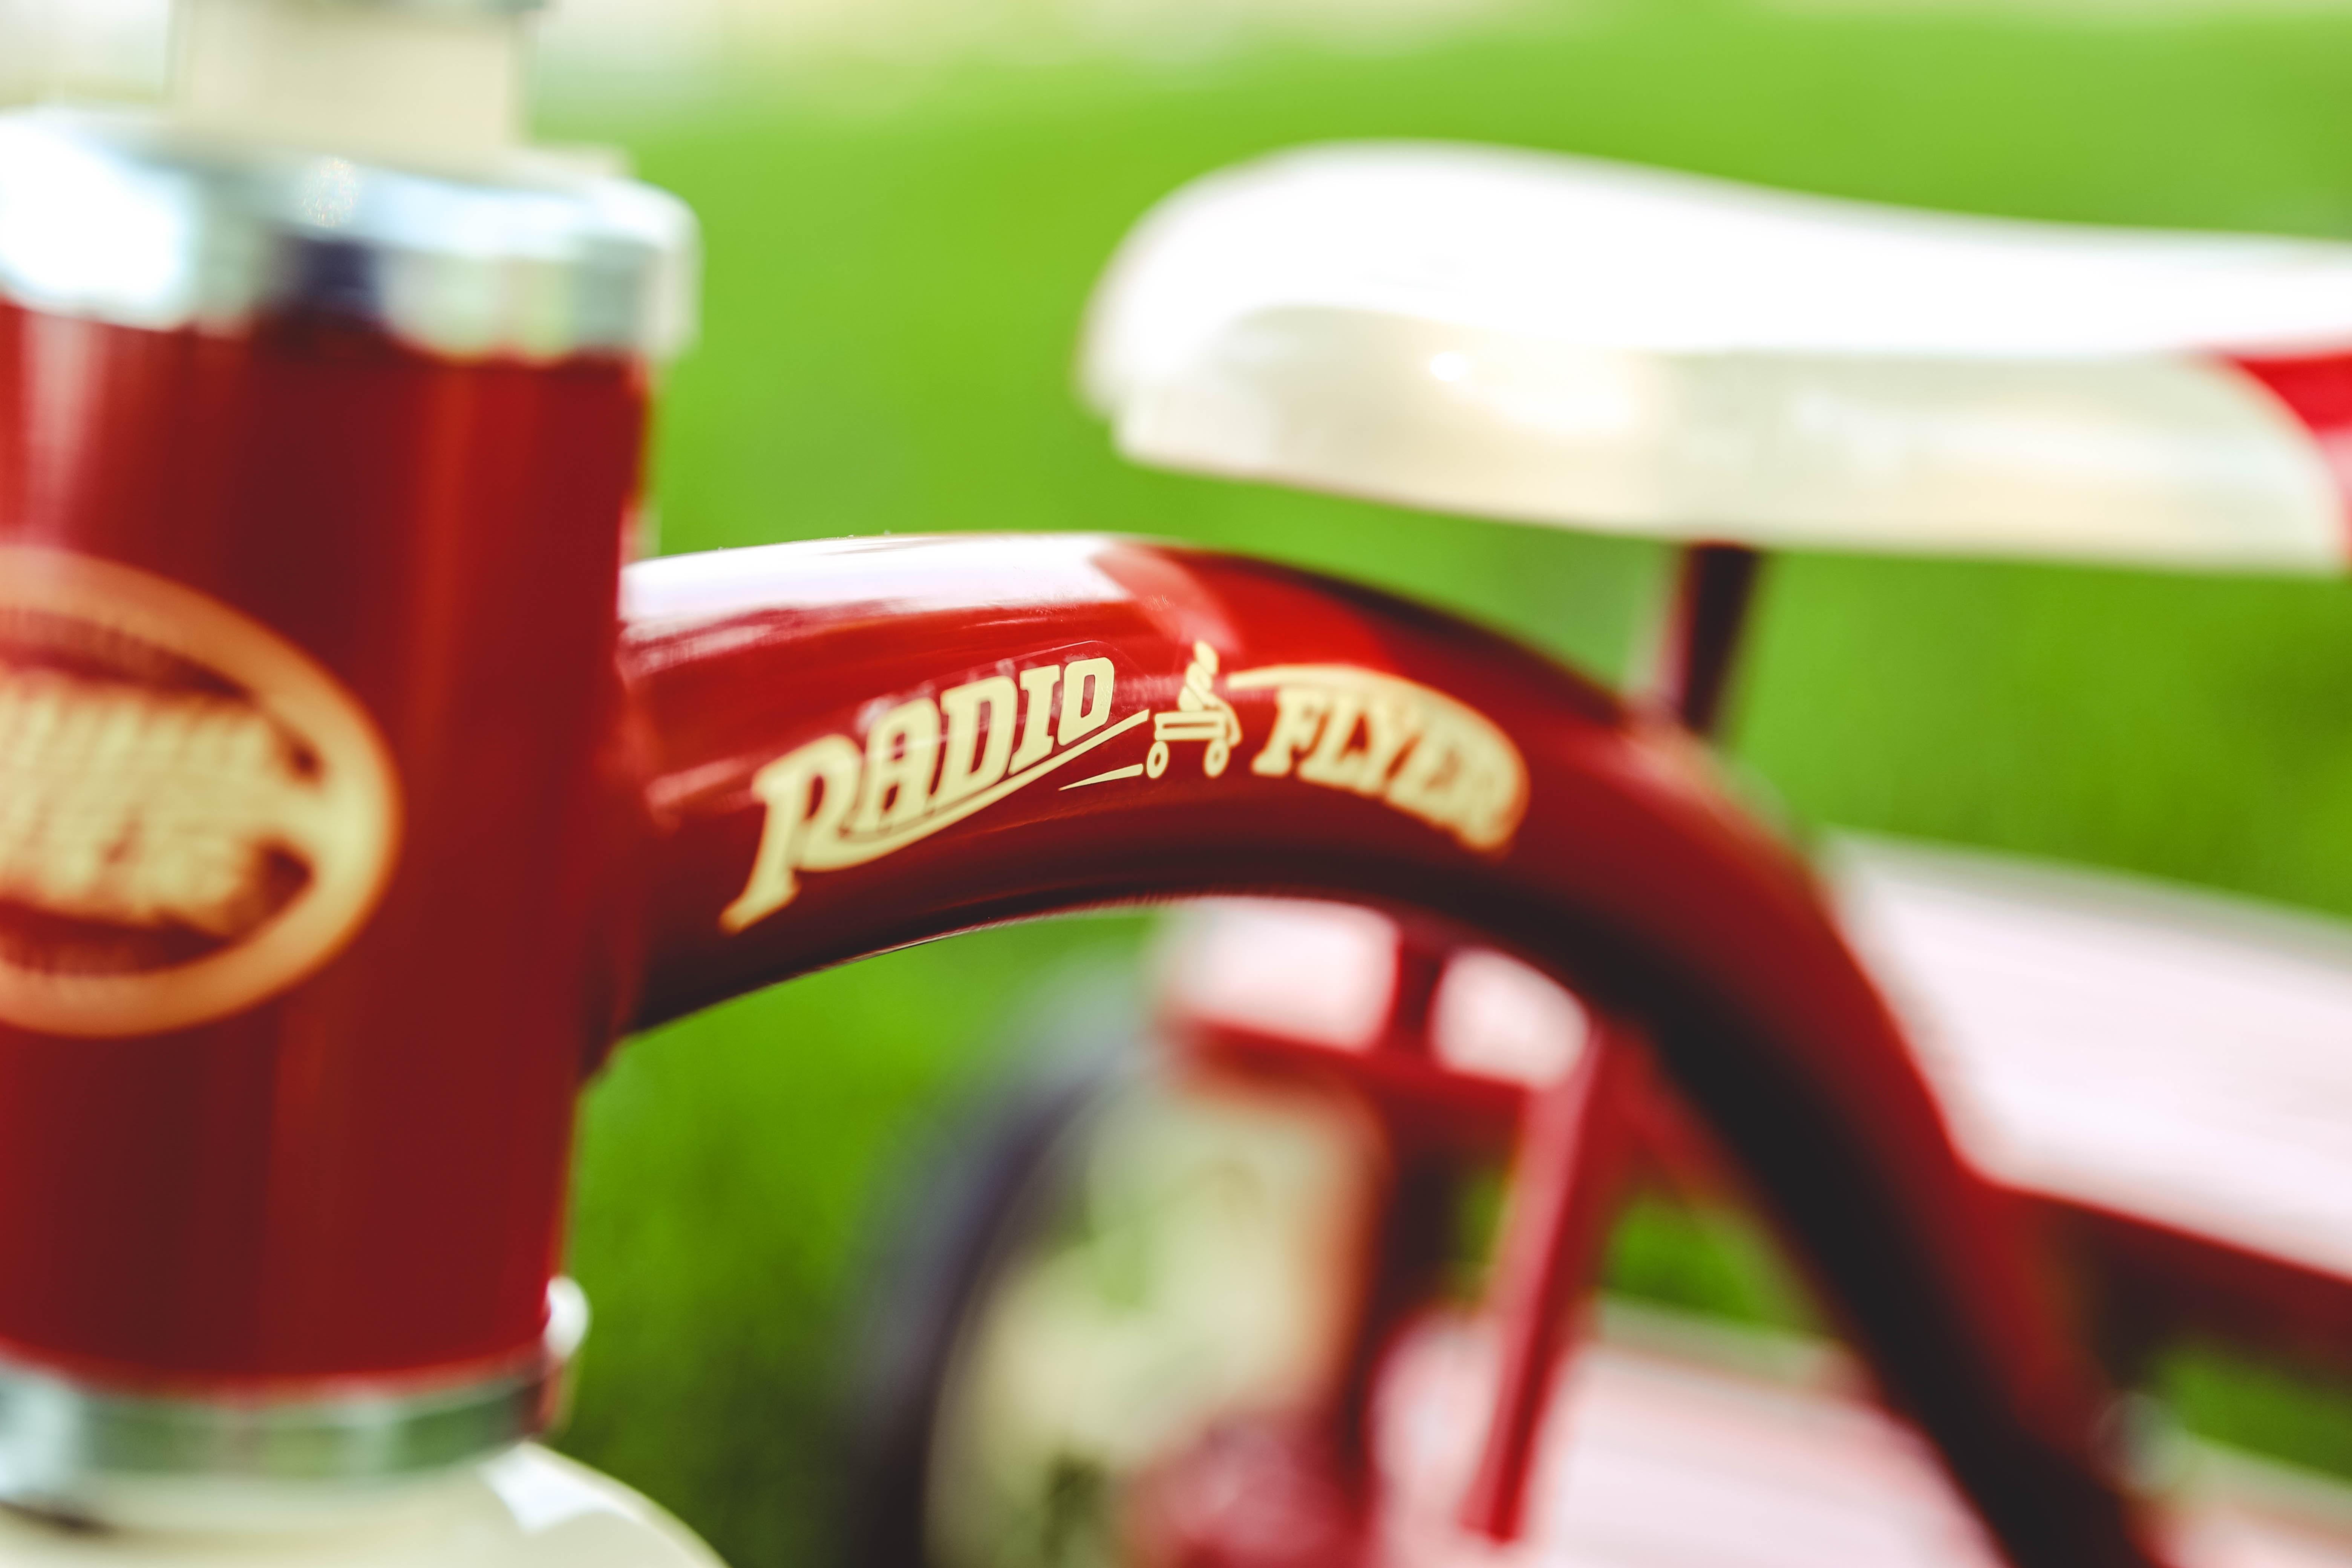 red Radio bike frame